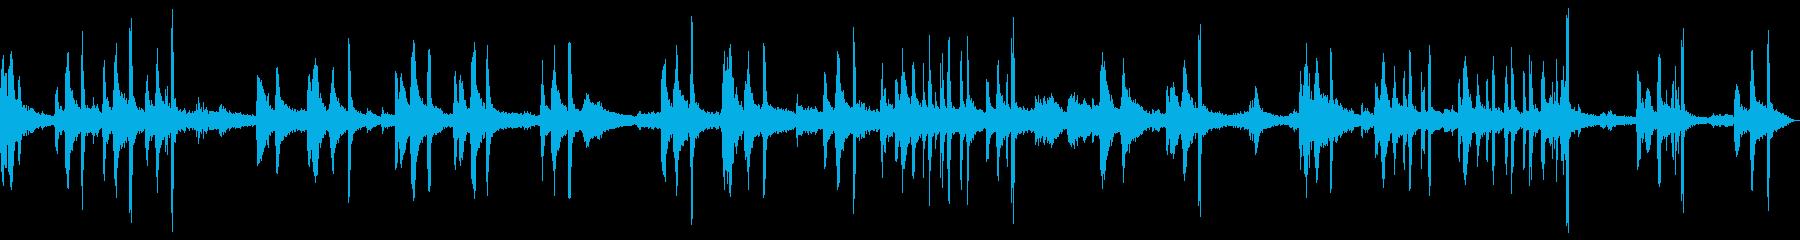 静止ドリルシーケンス、アーマリー、...の再生済みの波形